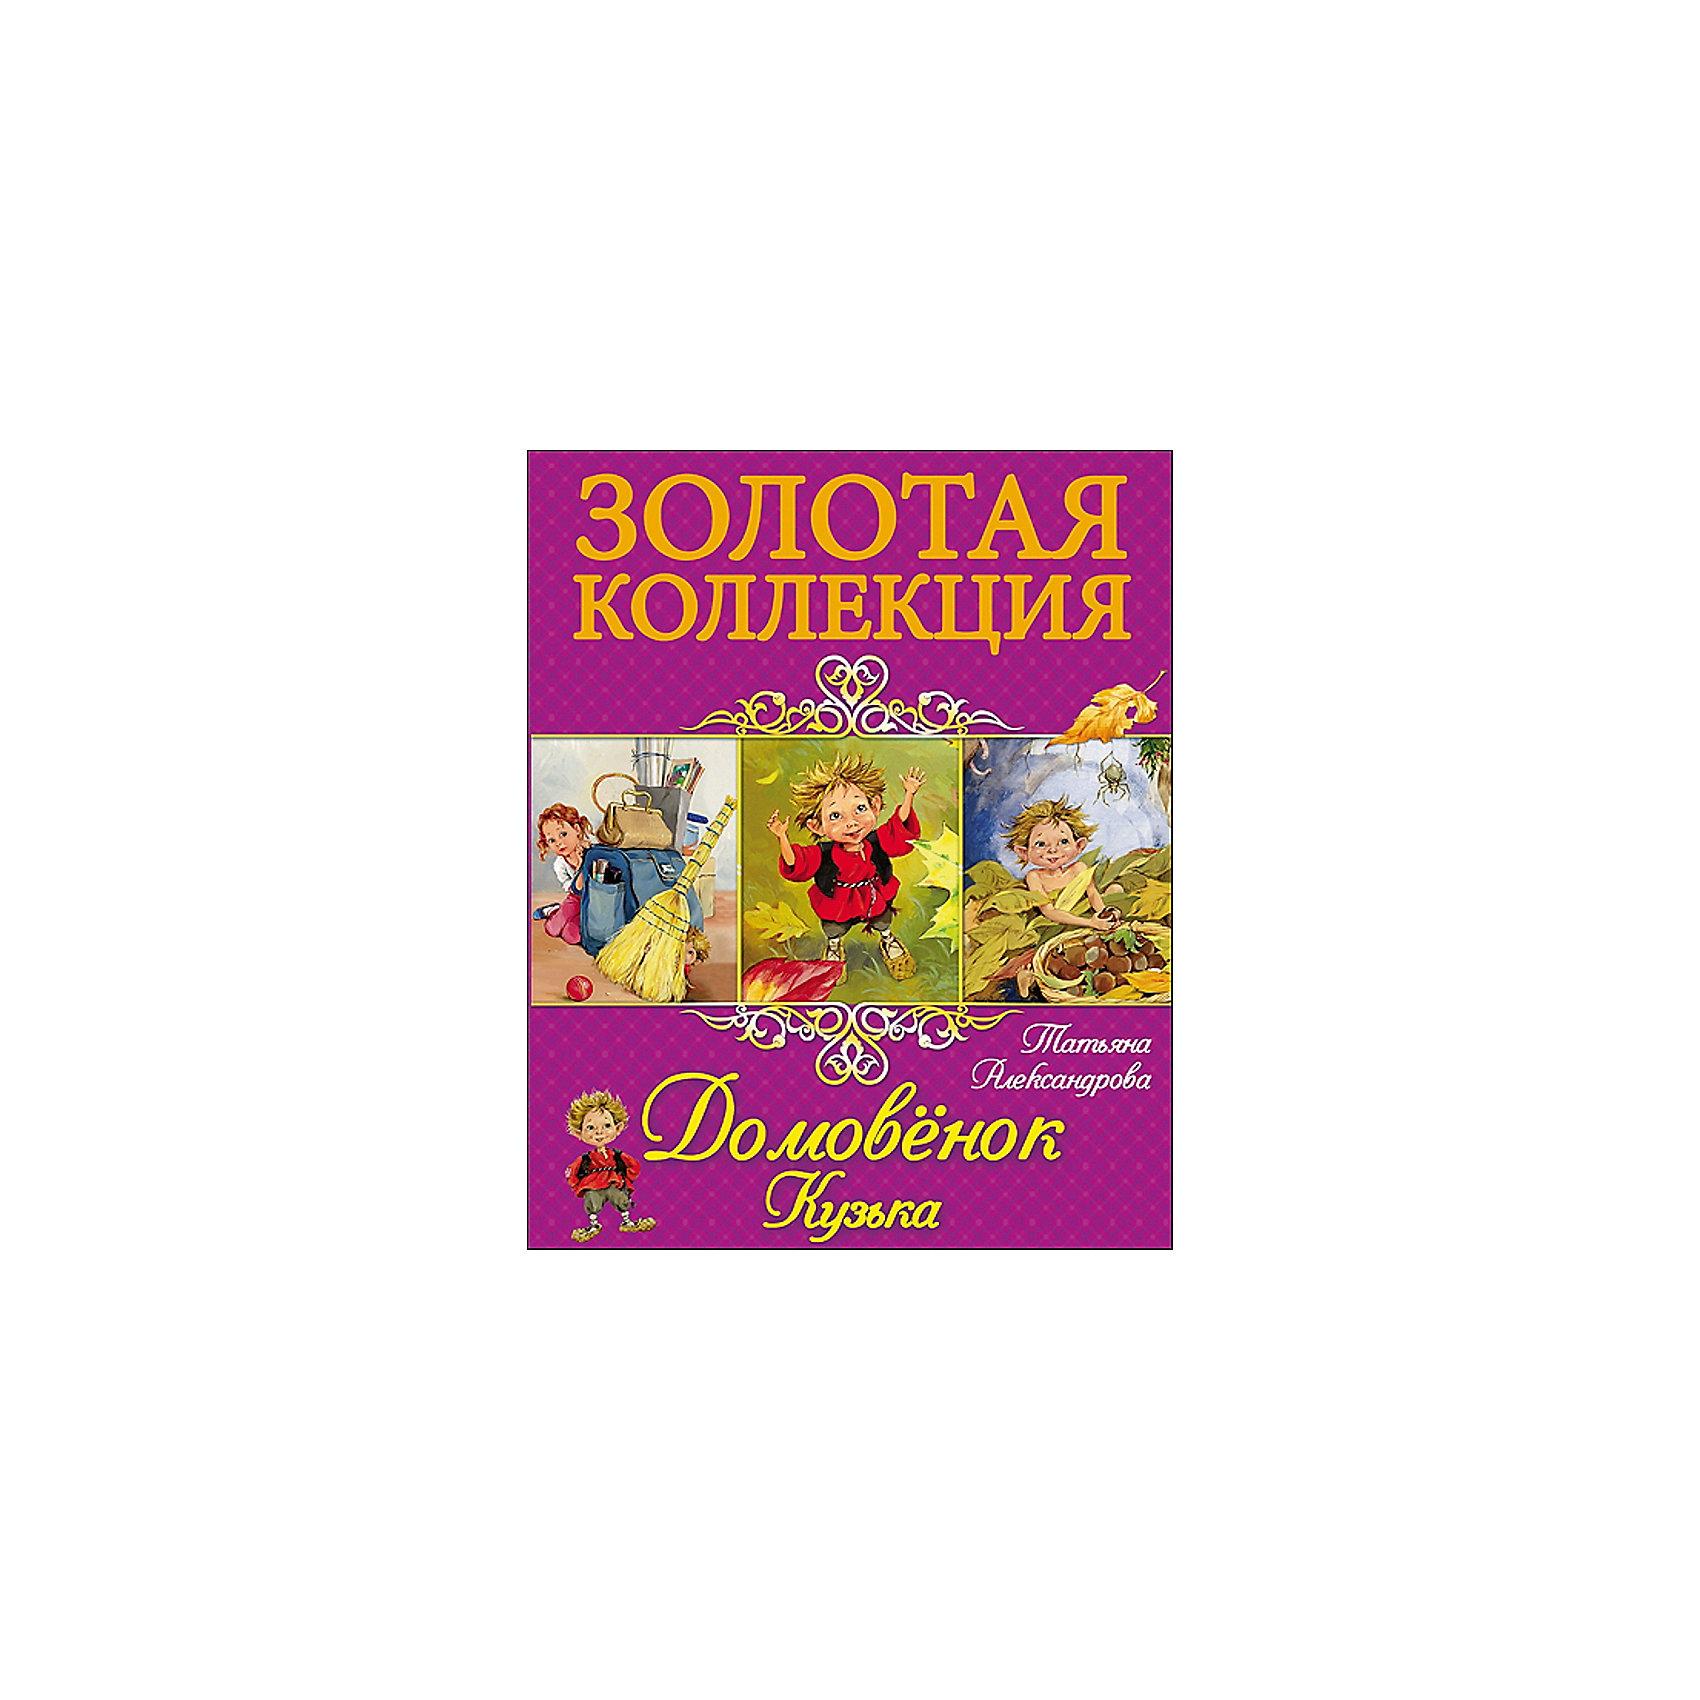 Домовёнок Кузька, Т. АлександроваСказку про Домовенка Кузю невозможно не любить. Это добрая и смешная история. Книги - это лучший подарок не только взрослым, они помогают детям познавать мир и учиться читать, также книги позволяют ребенку весело проводить время. Они также стимулируют развитие воображения, логики и творческого мышления.<br>Это издание очень красиво оформлено. Яркие картинки обязательно понравятся малышам! Книга сделана из качественных и безопасных для детей материалов.<br>  <br>Дополнительная информация:<br><br>страниц: 112; <br>размер: 205x255 мм;<br>вес: 400 г.<br><br>Книгу Домовёнок Кузька, Т. Александрова от издательства Проф-Пресс можно купить в нашем магазине.<br><br>Ширина мм: 205<br>Глубина мм: 12<br>Высота мм: 255<br>Вес г: 400<br>Возраст от месяцев: 0<br>Возраст до месяцев: 60<br>Пол: Унисекс<br>Возраст: Детский<br>SKU: 4787301